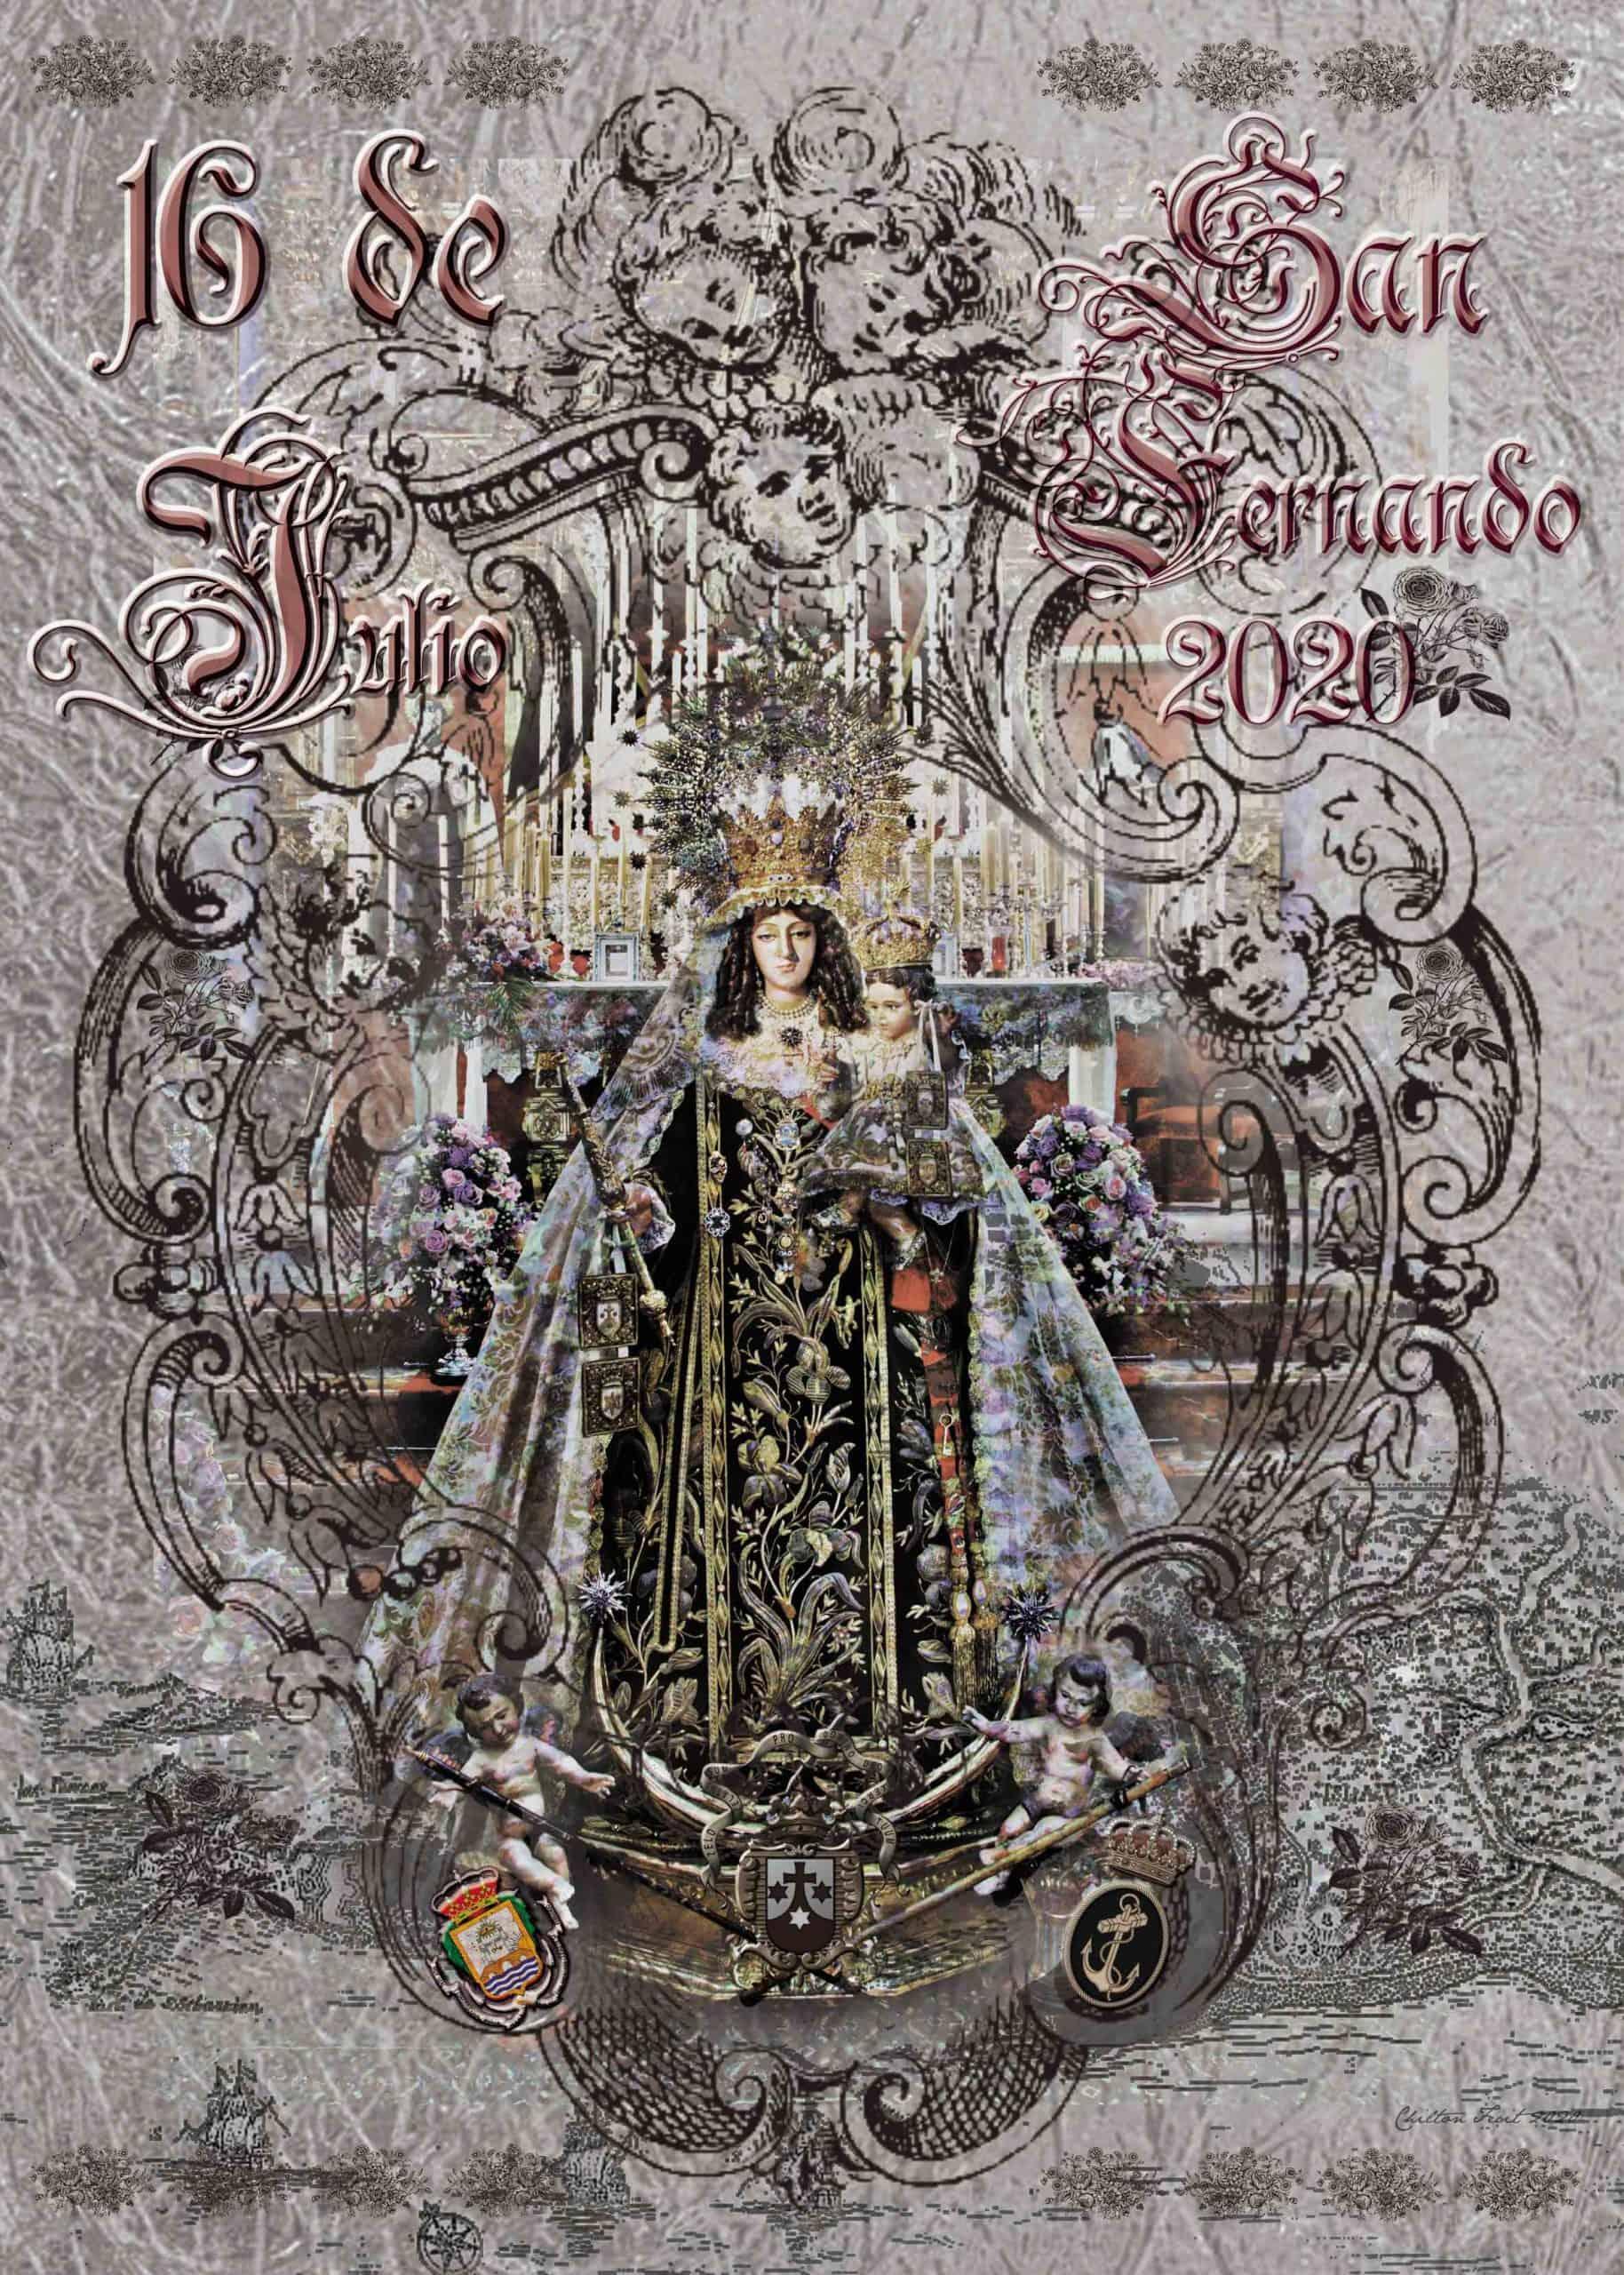 Cartel anunciador de la Festividad de Nuestra Señora del Carmen